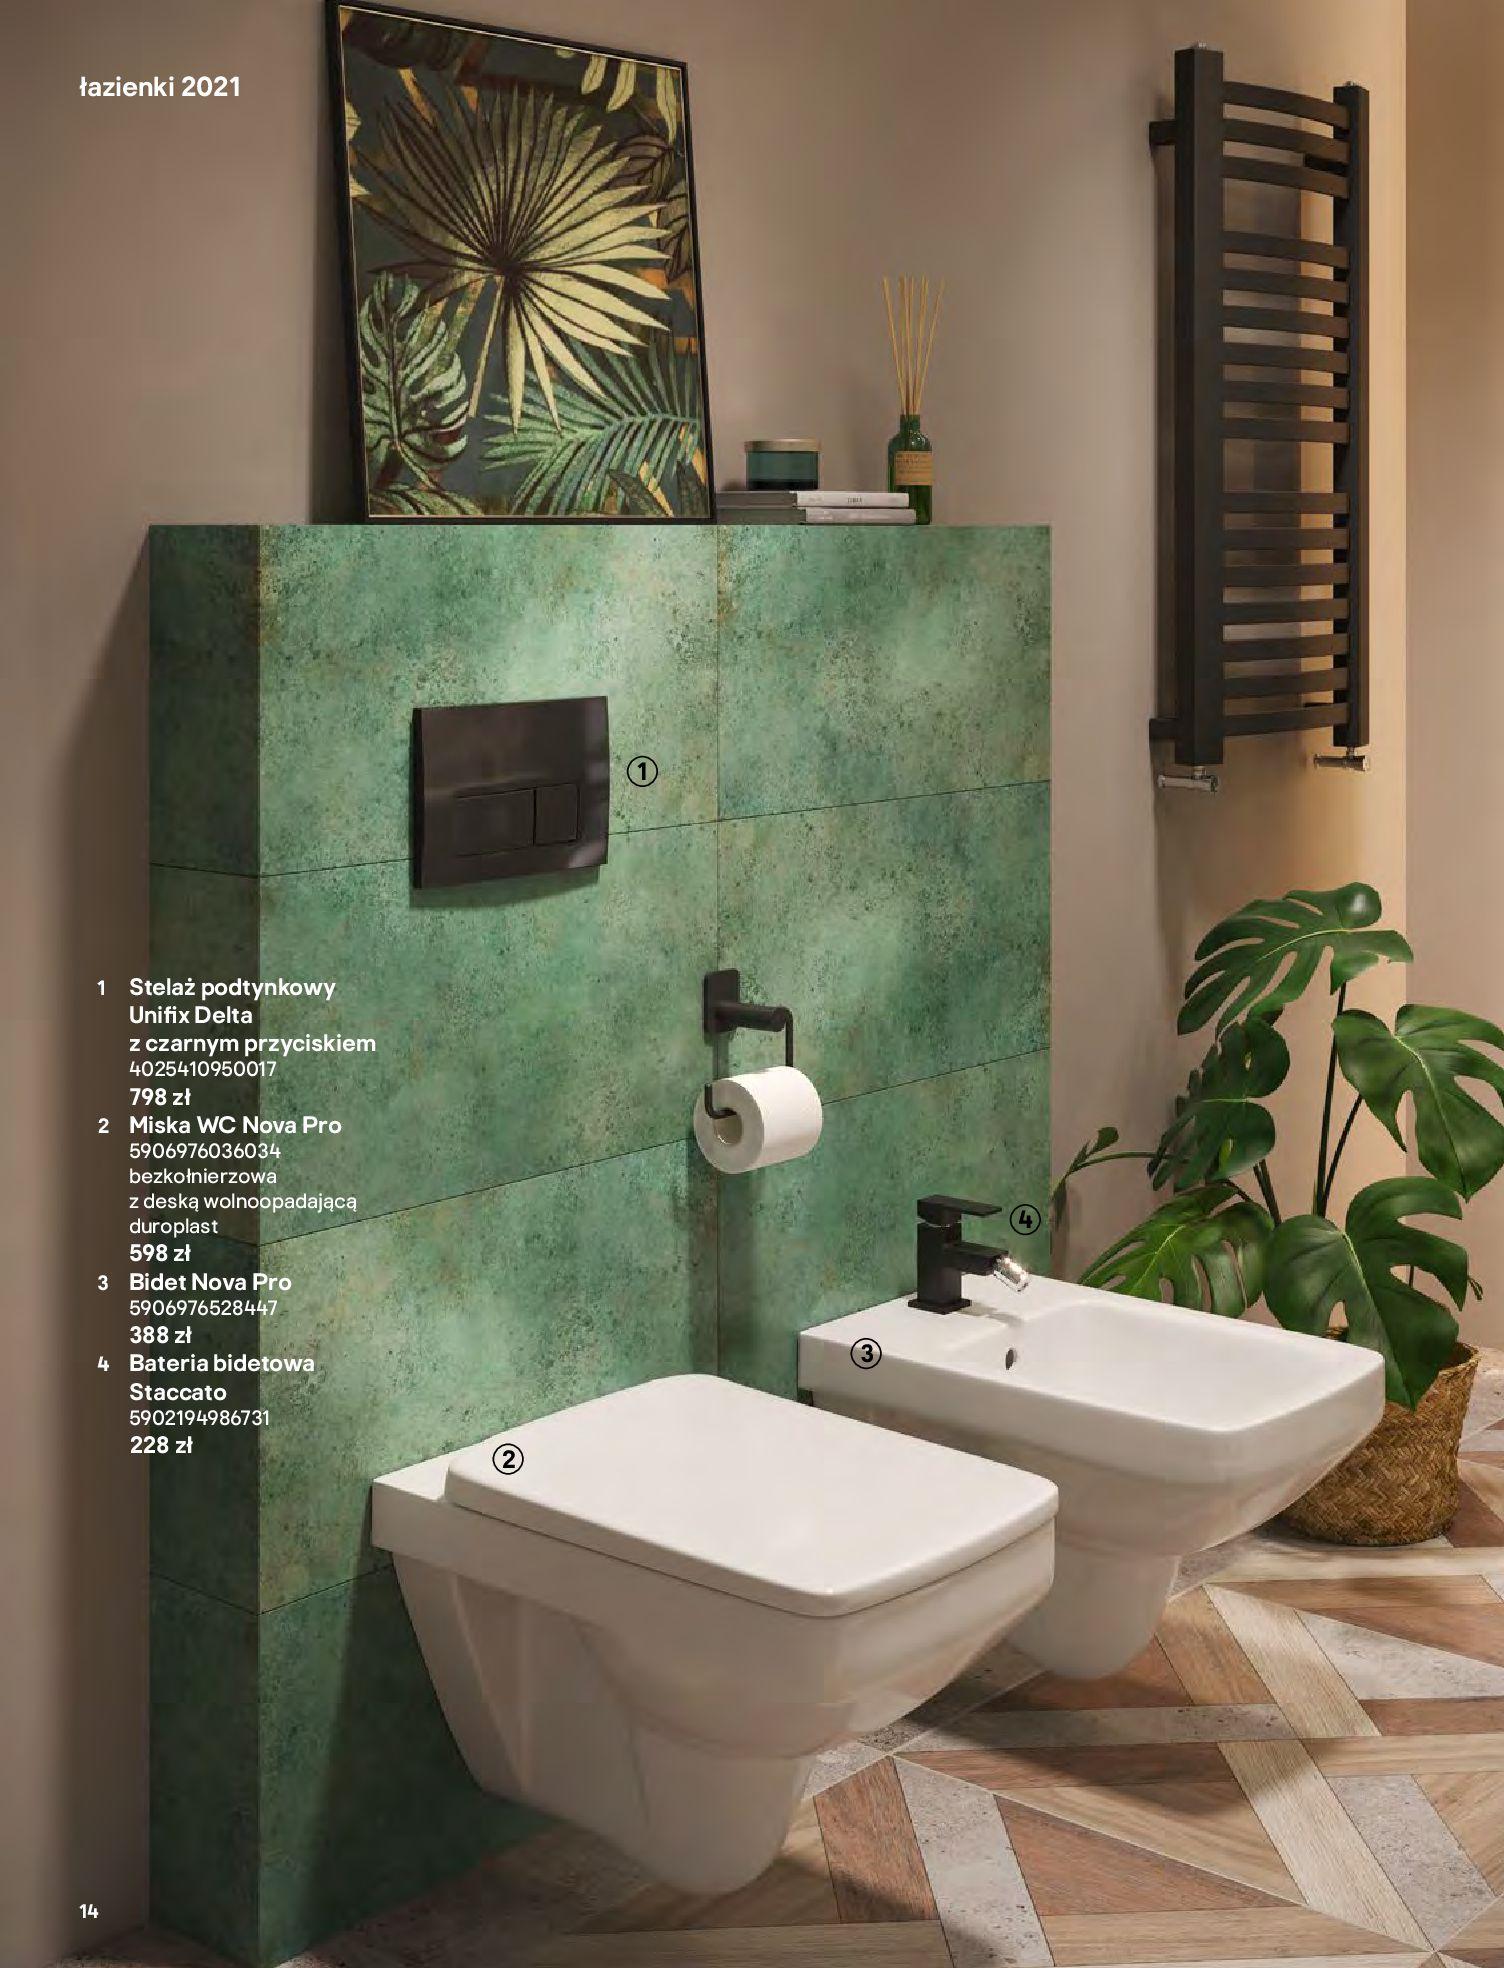 Gazetka Castorama: Gazetka Castorama - katalog łazienki 2021 2021-06-16 page-14